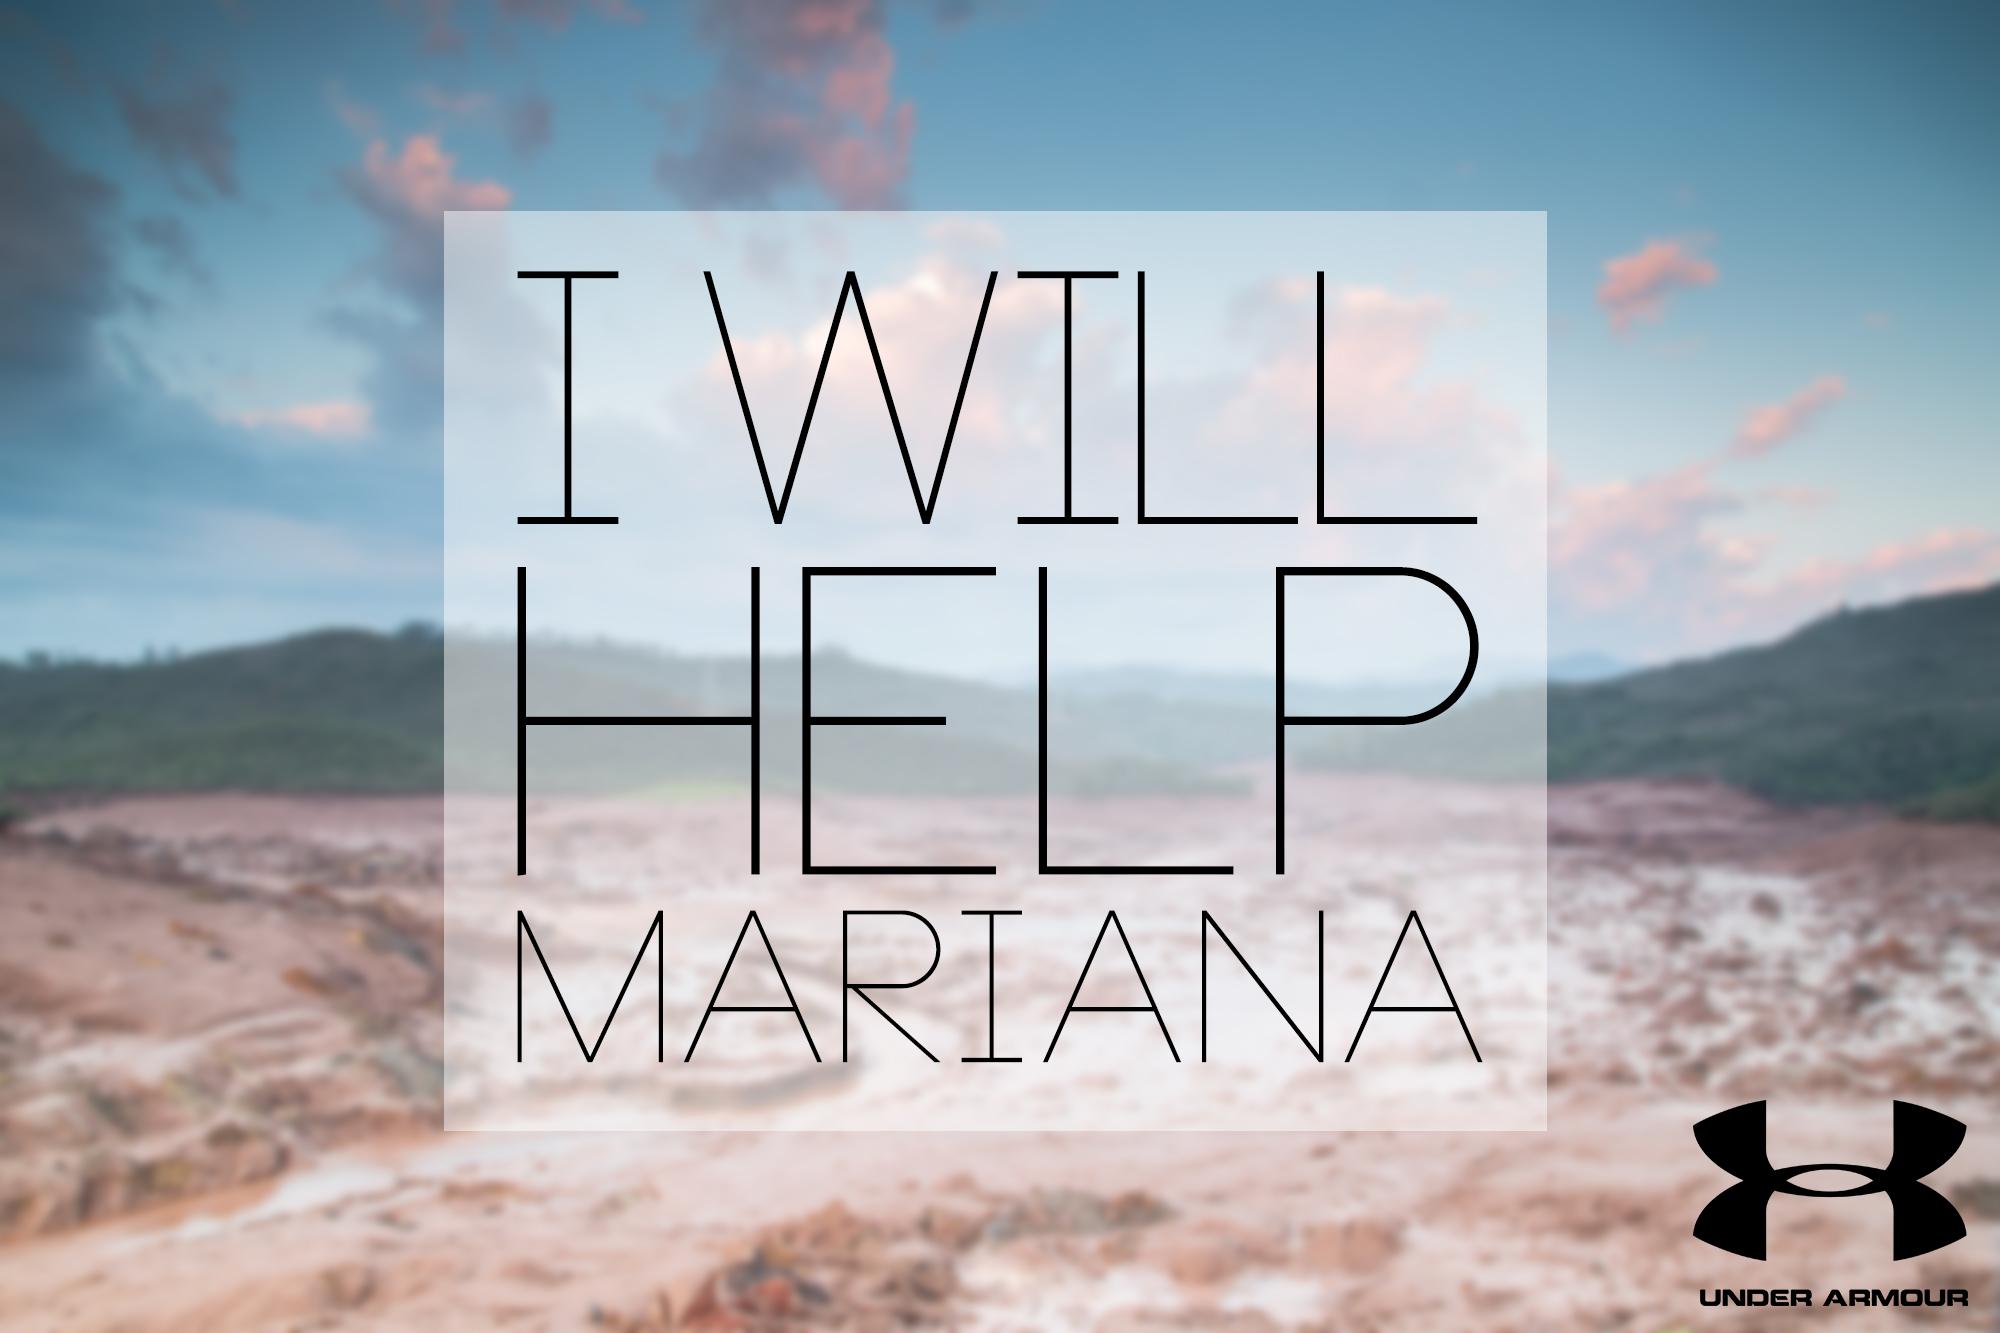 mariana1.jpg